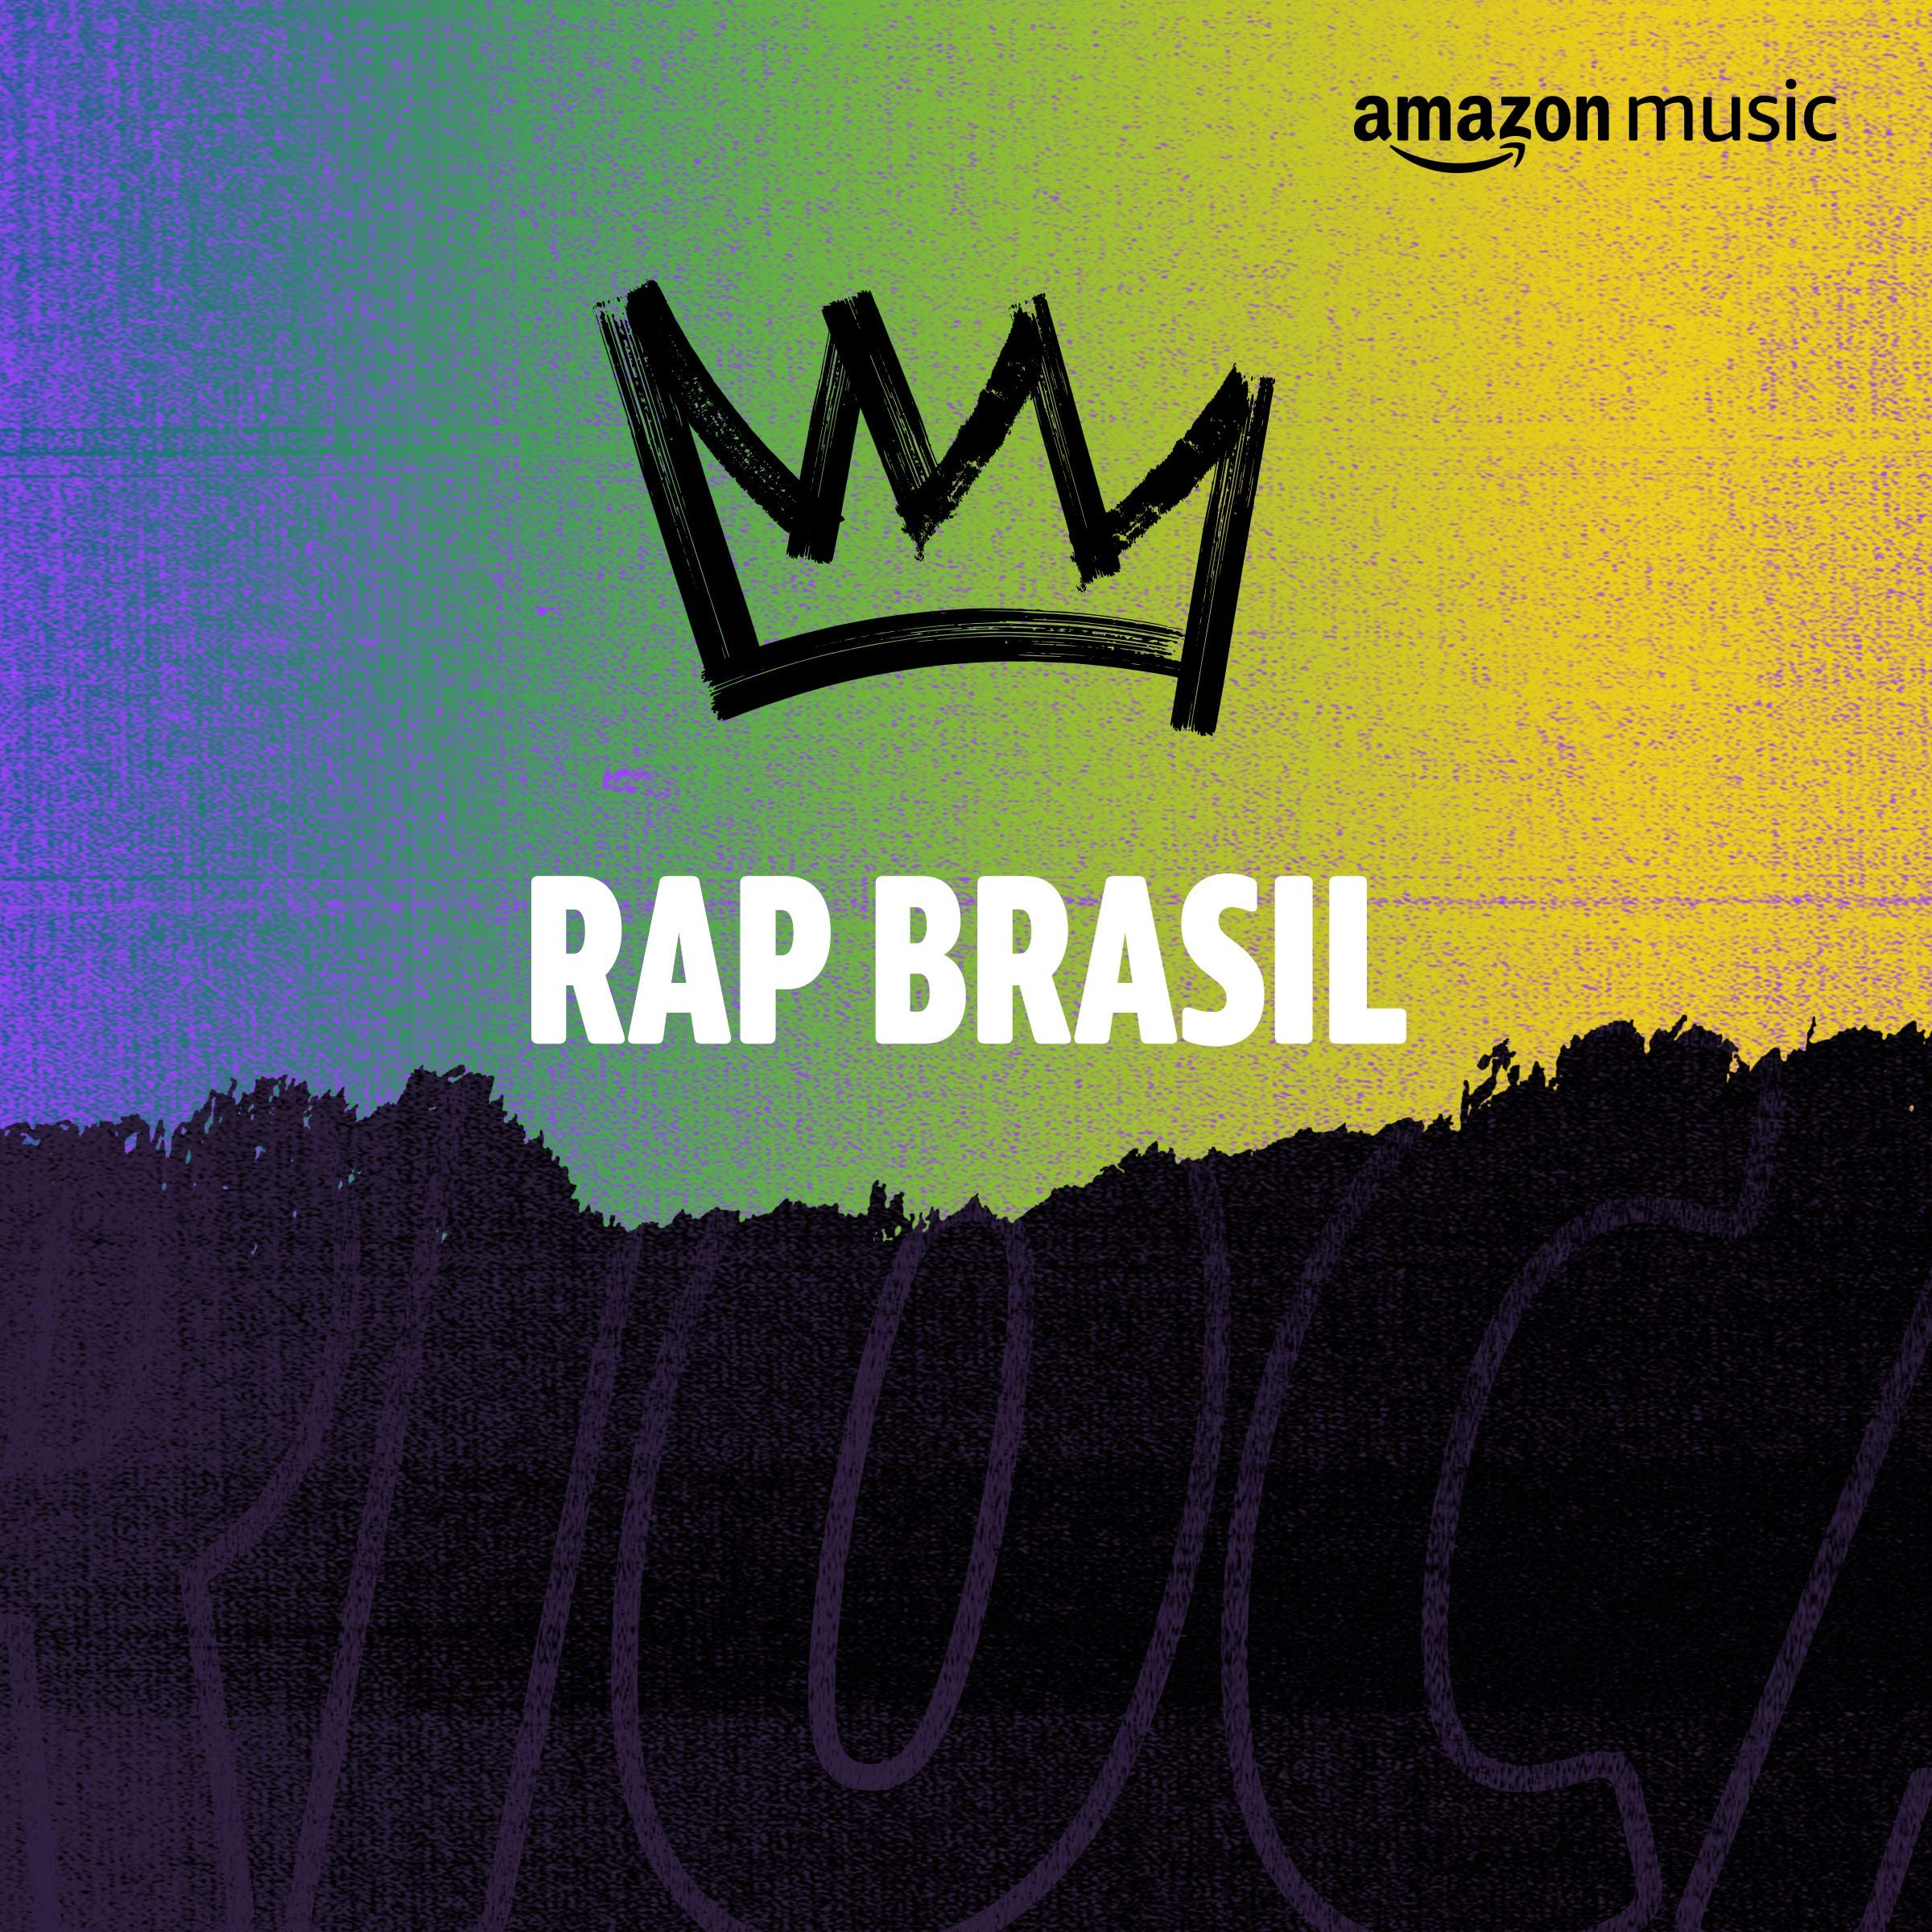 Rap Brasil